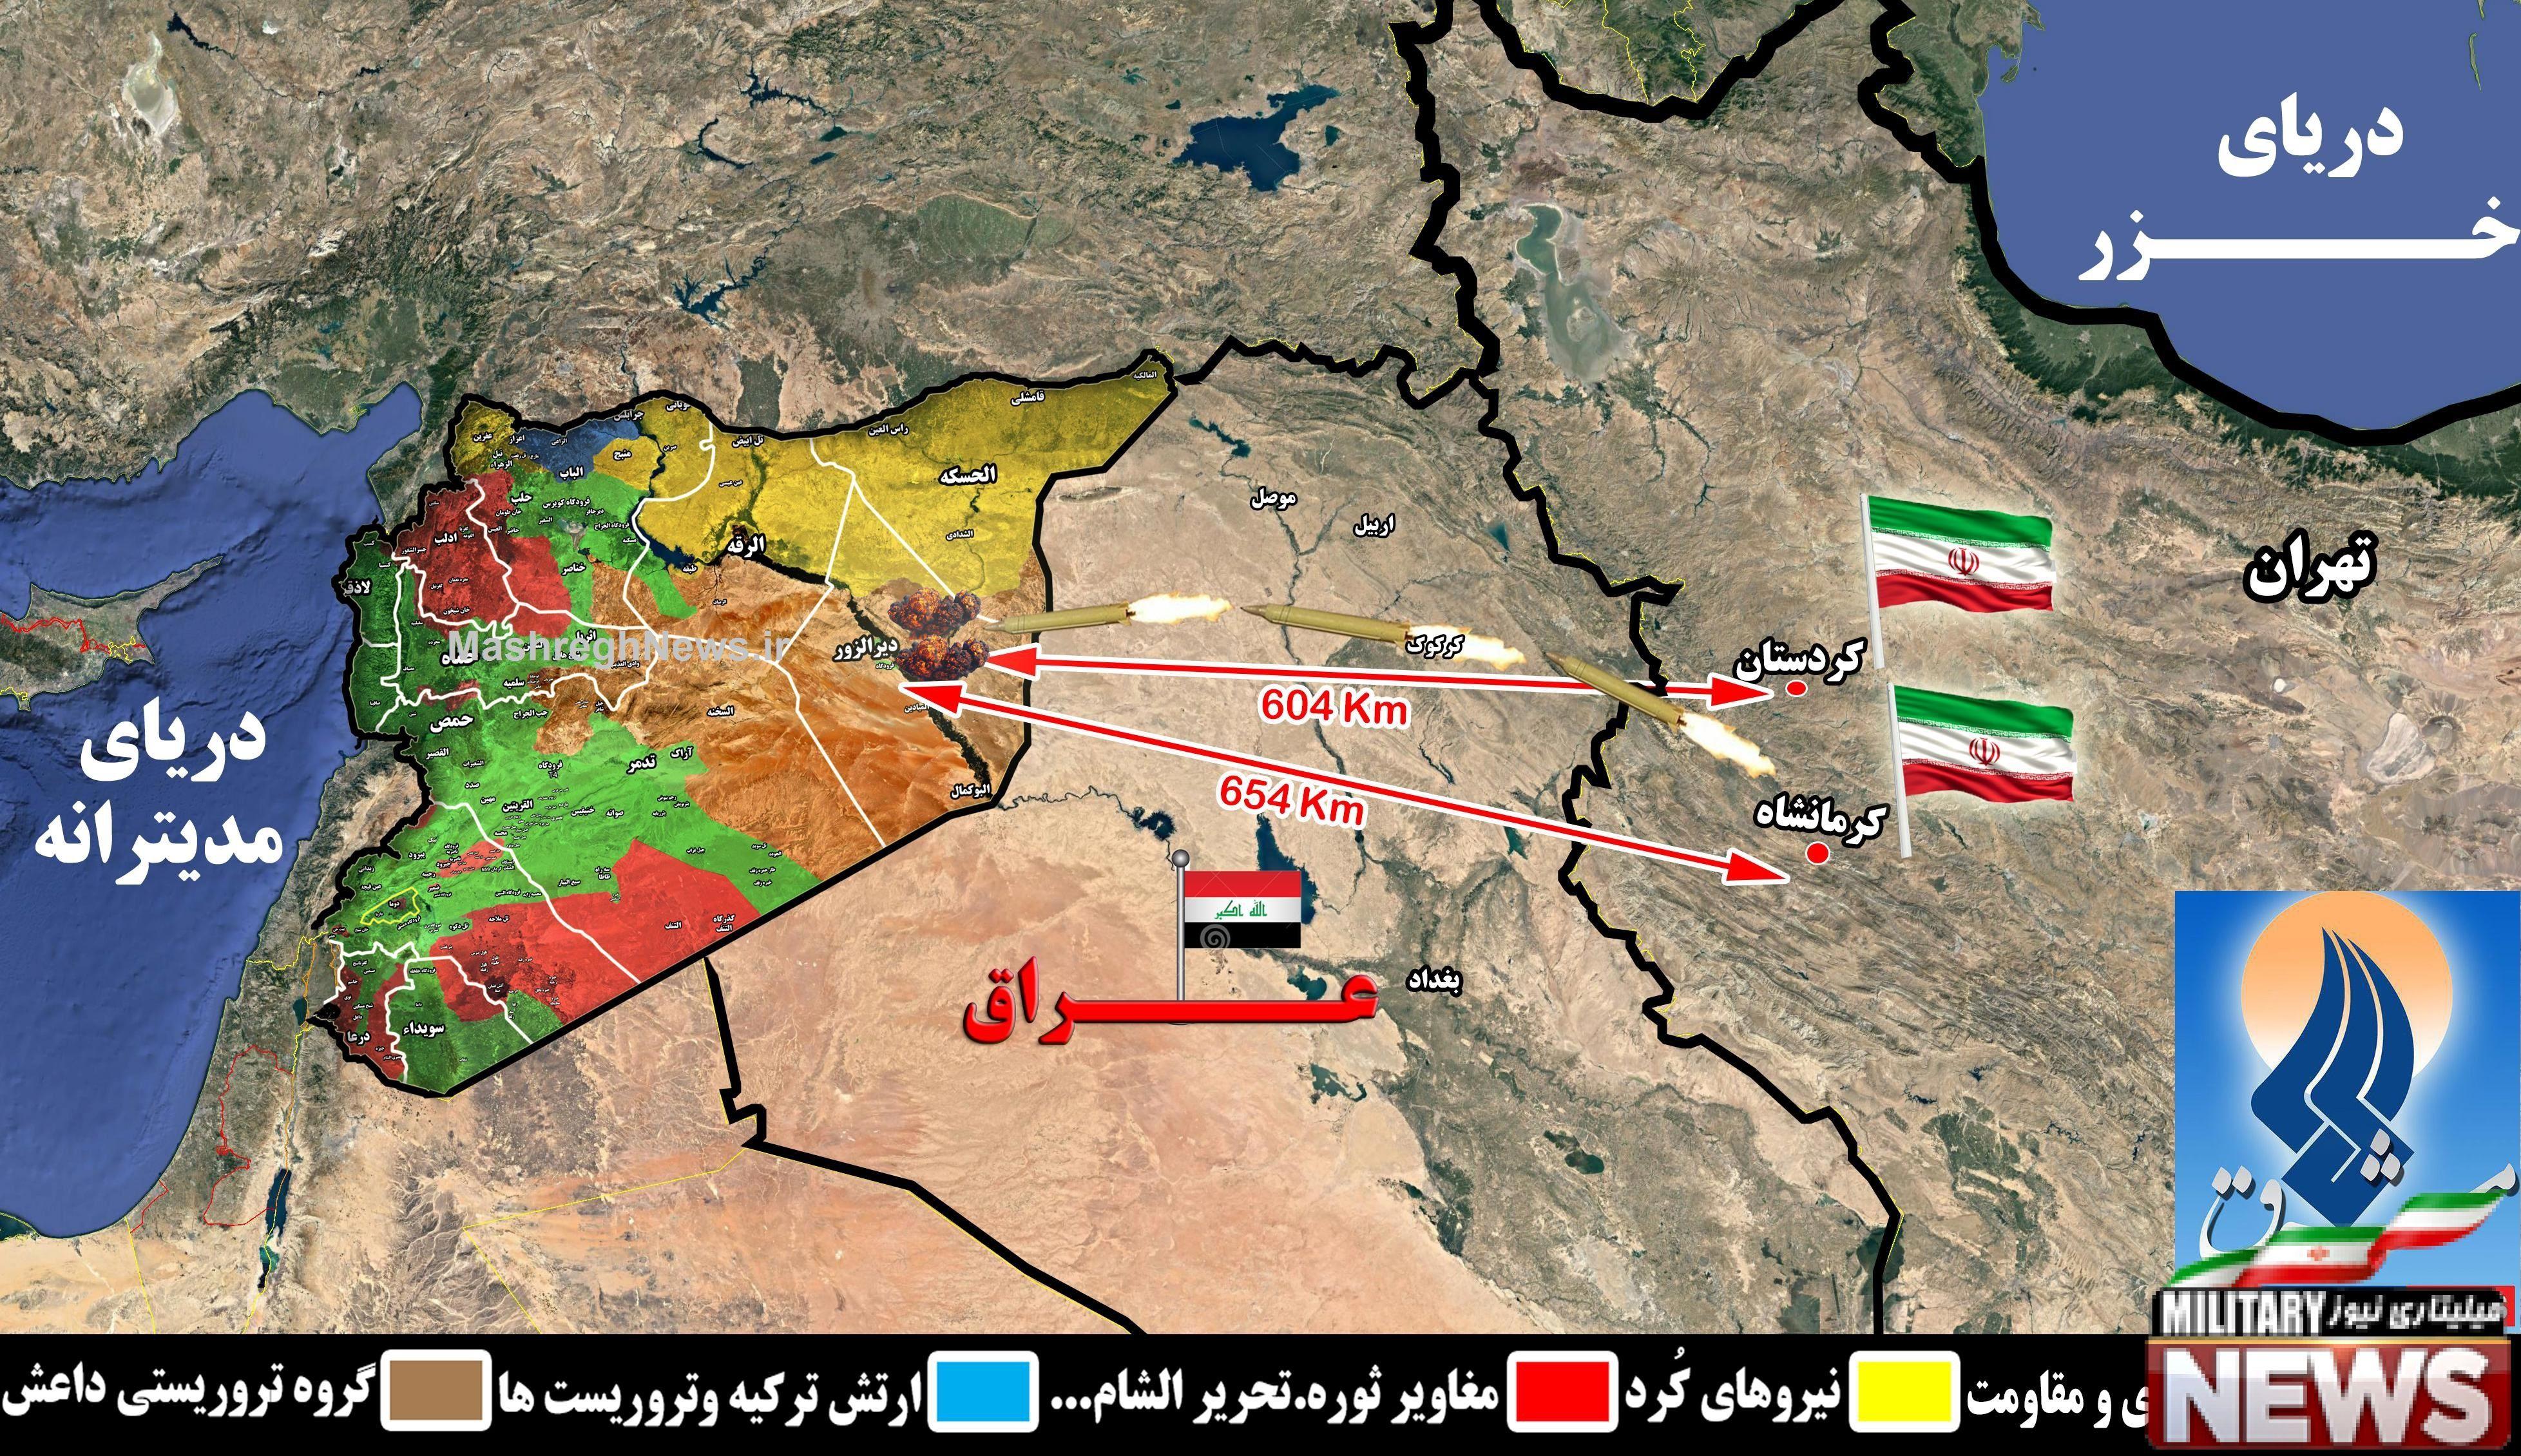 کدام موشک ویژه سپاه دیرالزور سوریه را هدف گرفت؟/ حمله شبانه به داعش با چاشنی غافلگیری آمریکا و اسرائیل +عکس